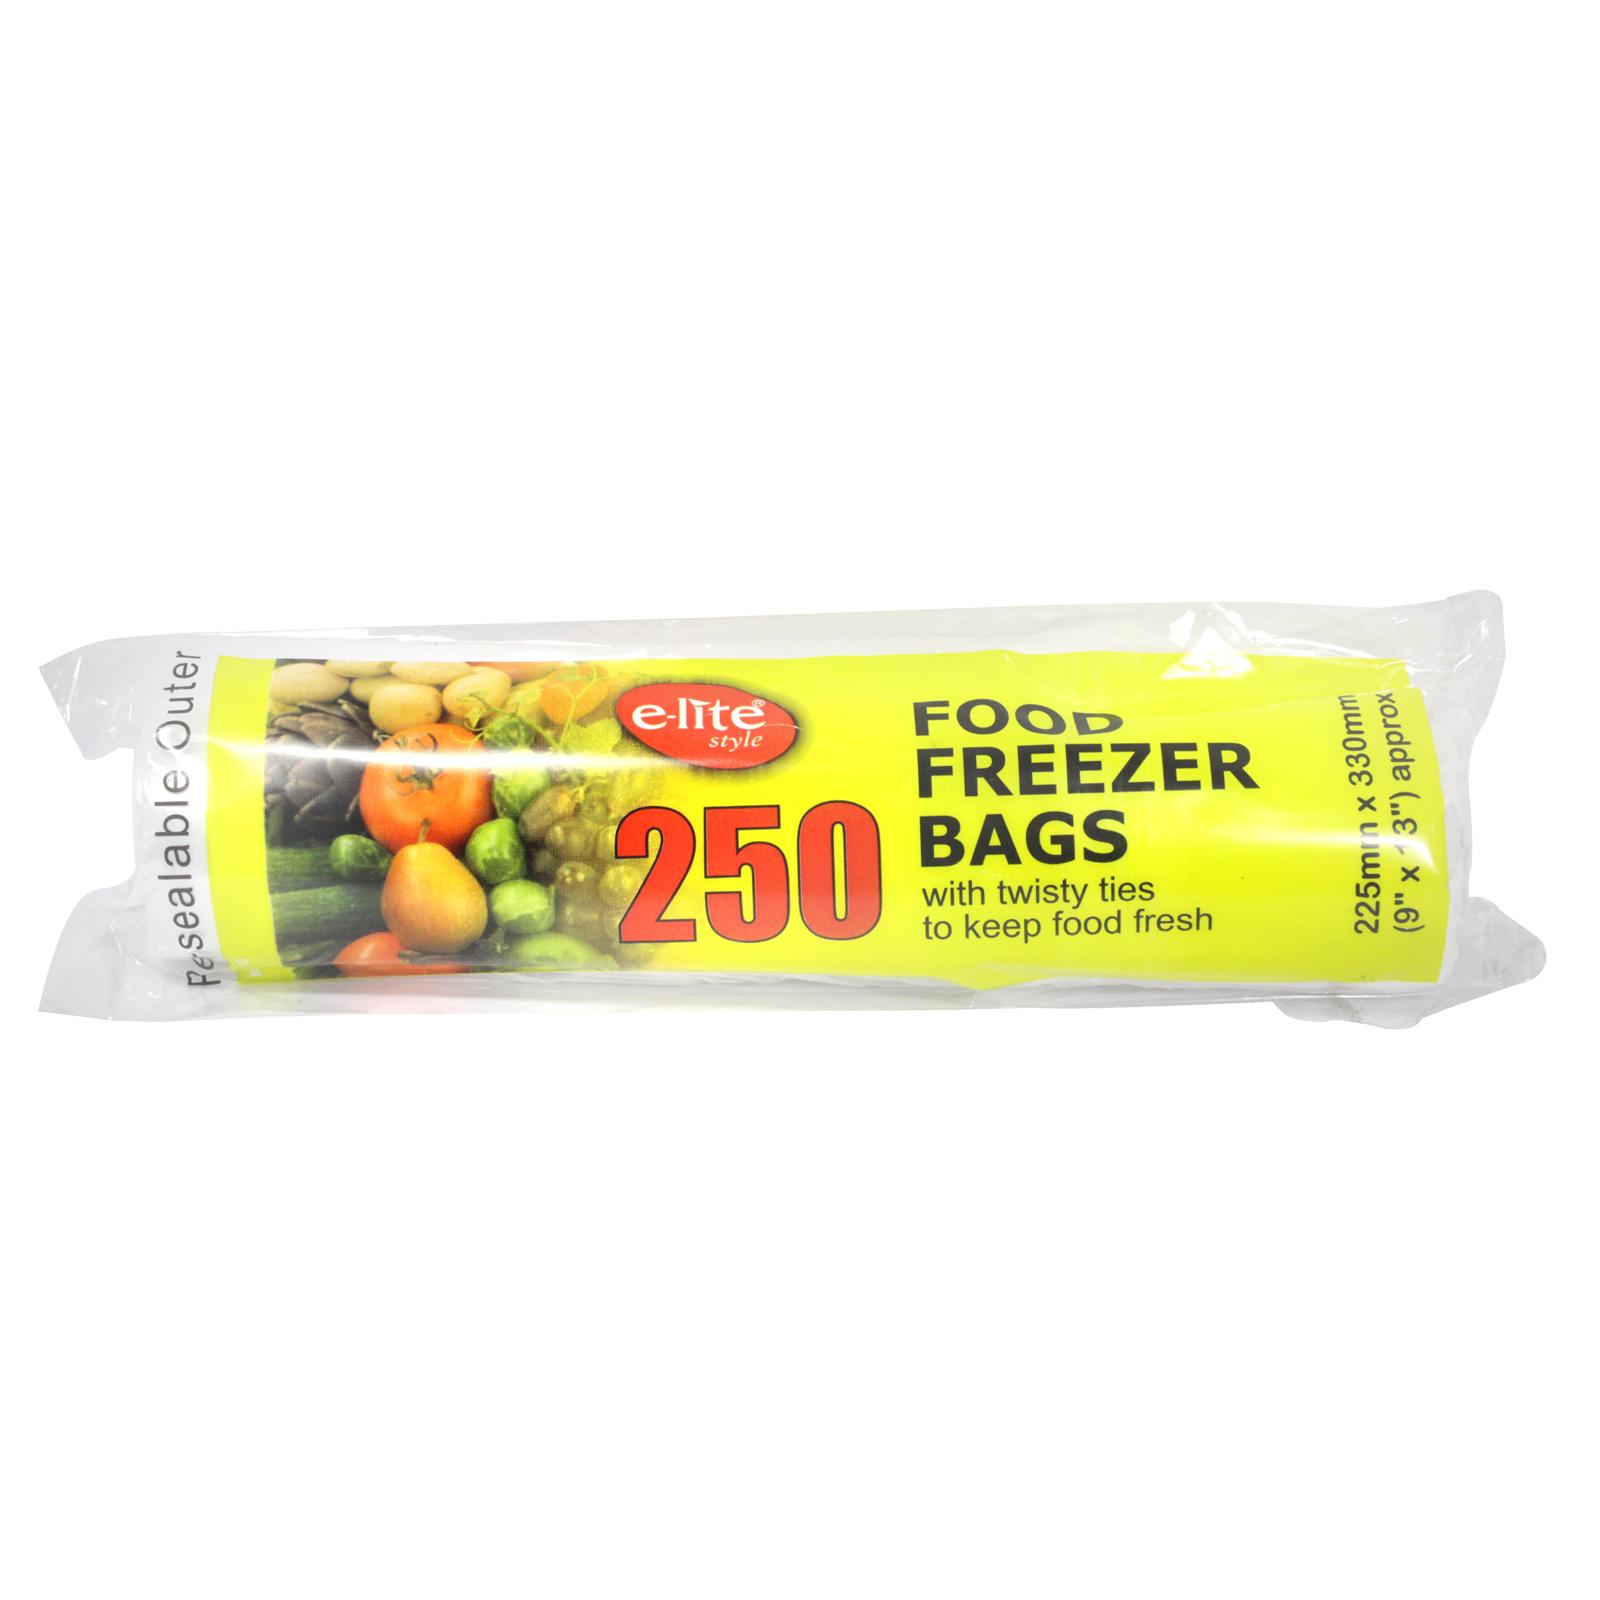 NICE+CLN 250 FOOD FREEZER BAG 9X13